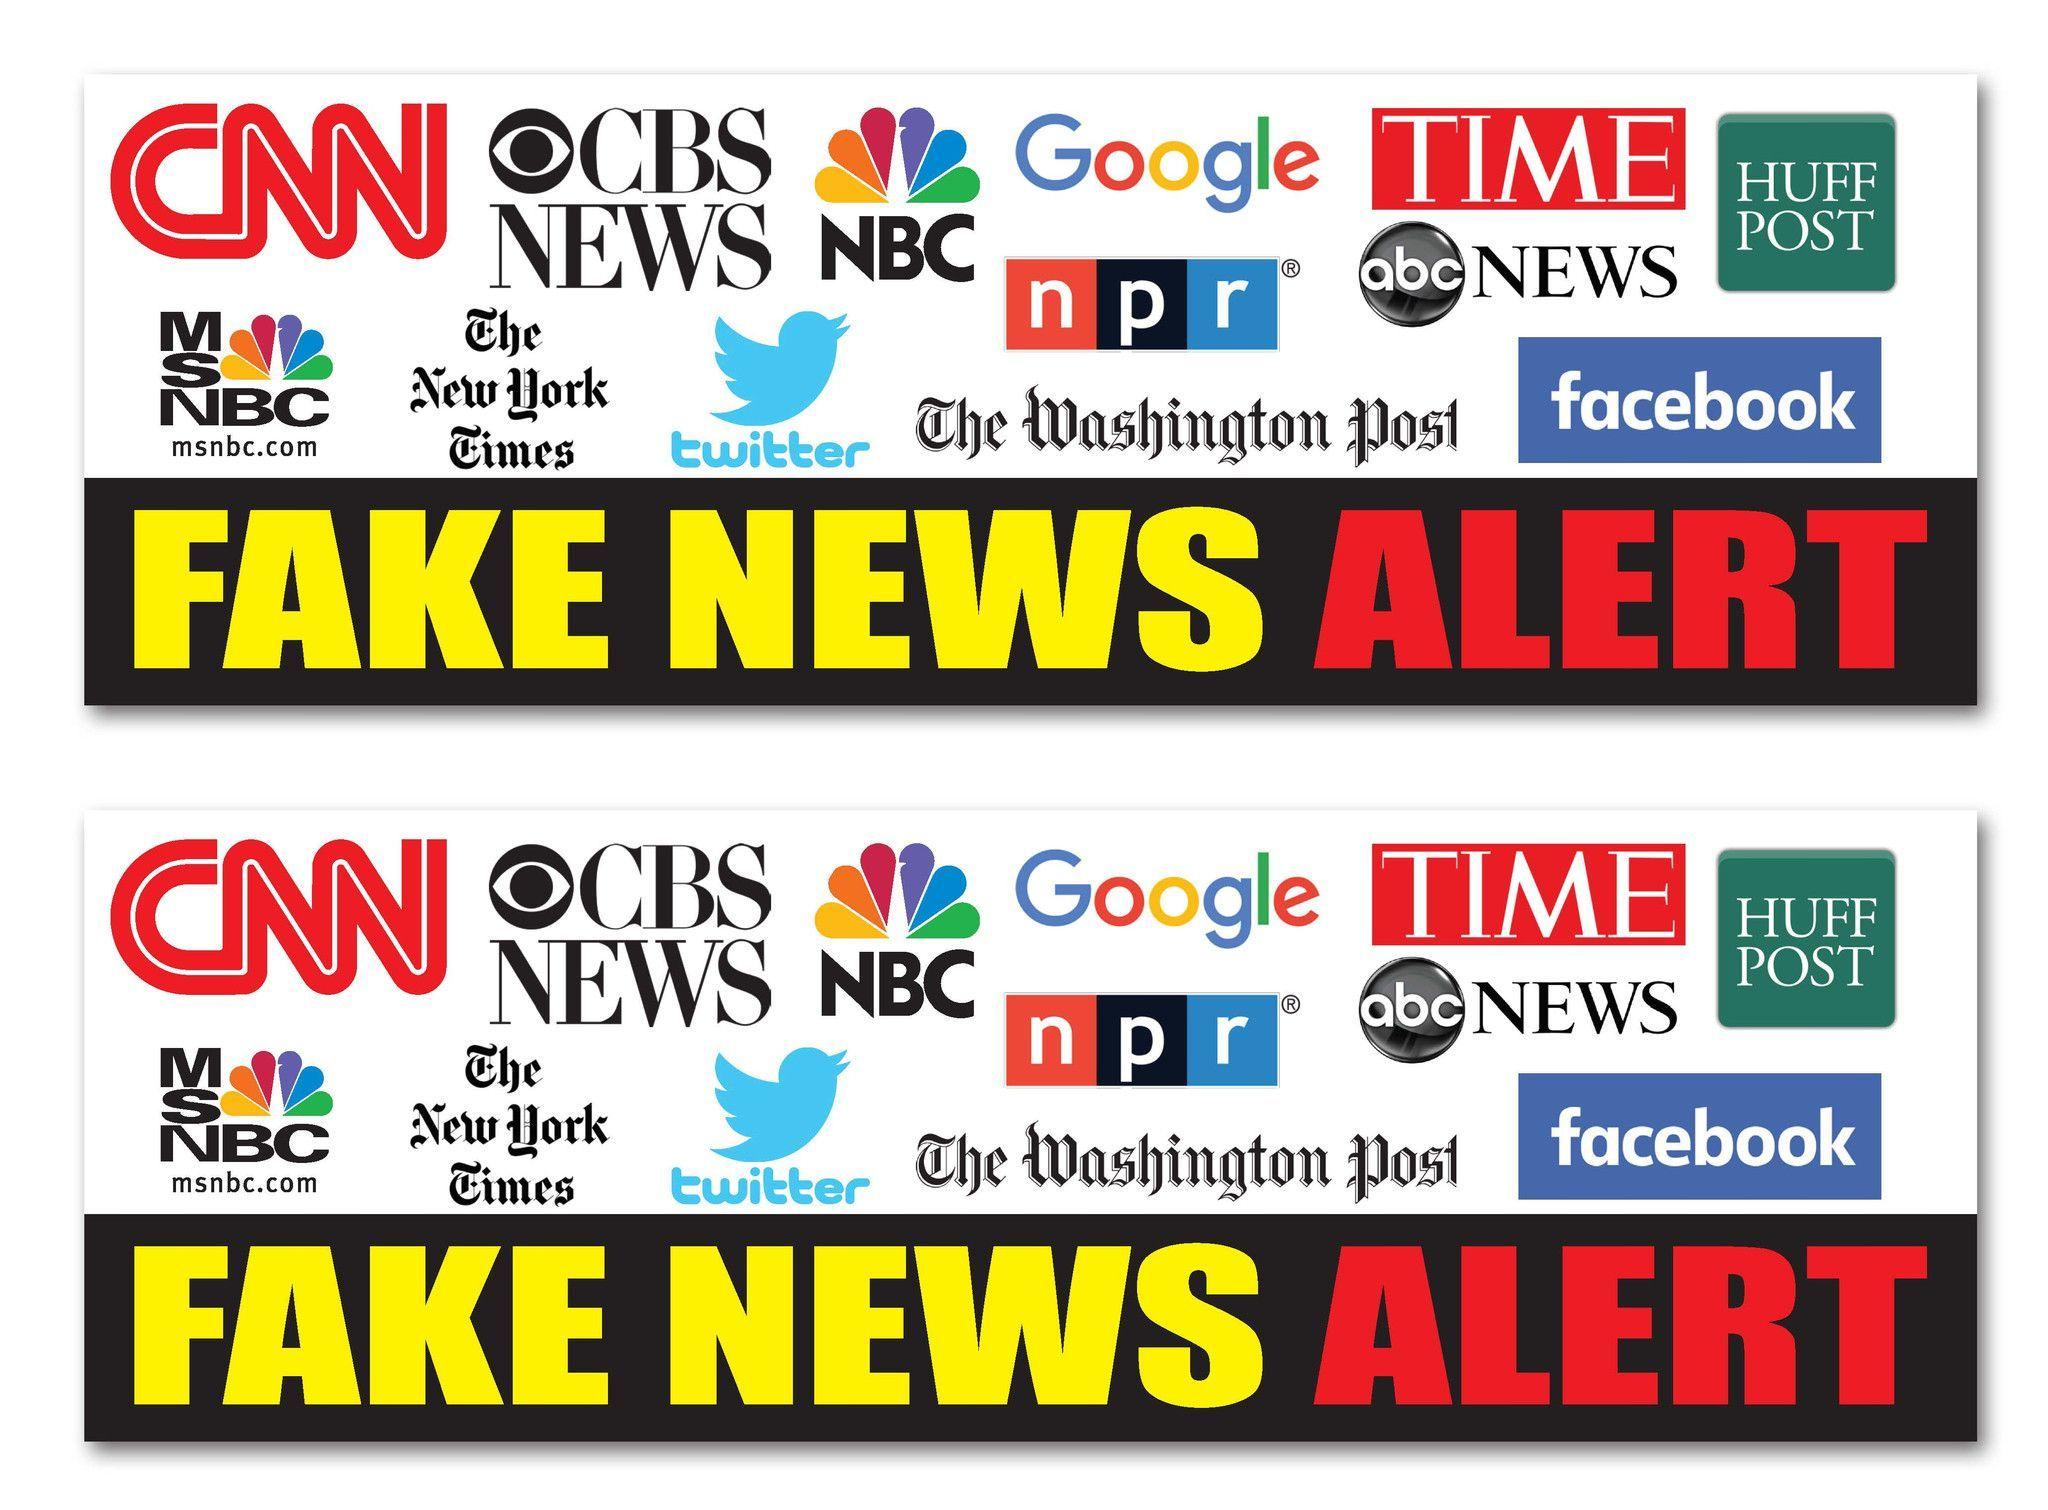 Fake News Alert CNN MSNBC NPR Facebook Google 9